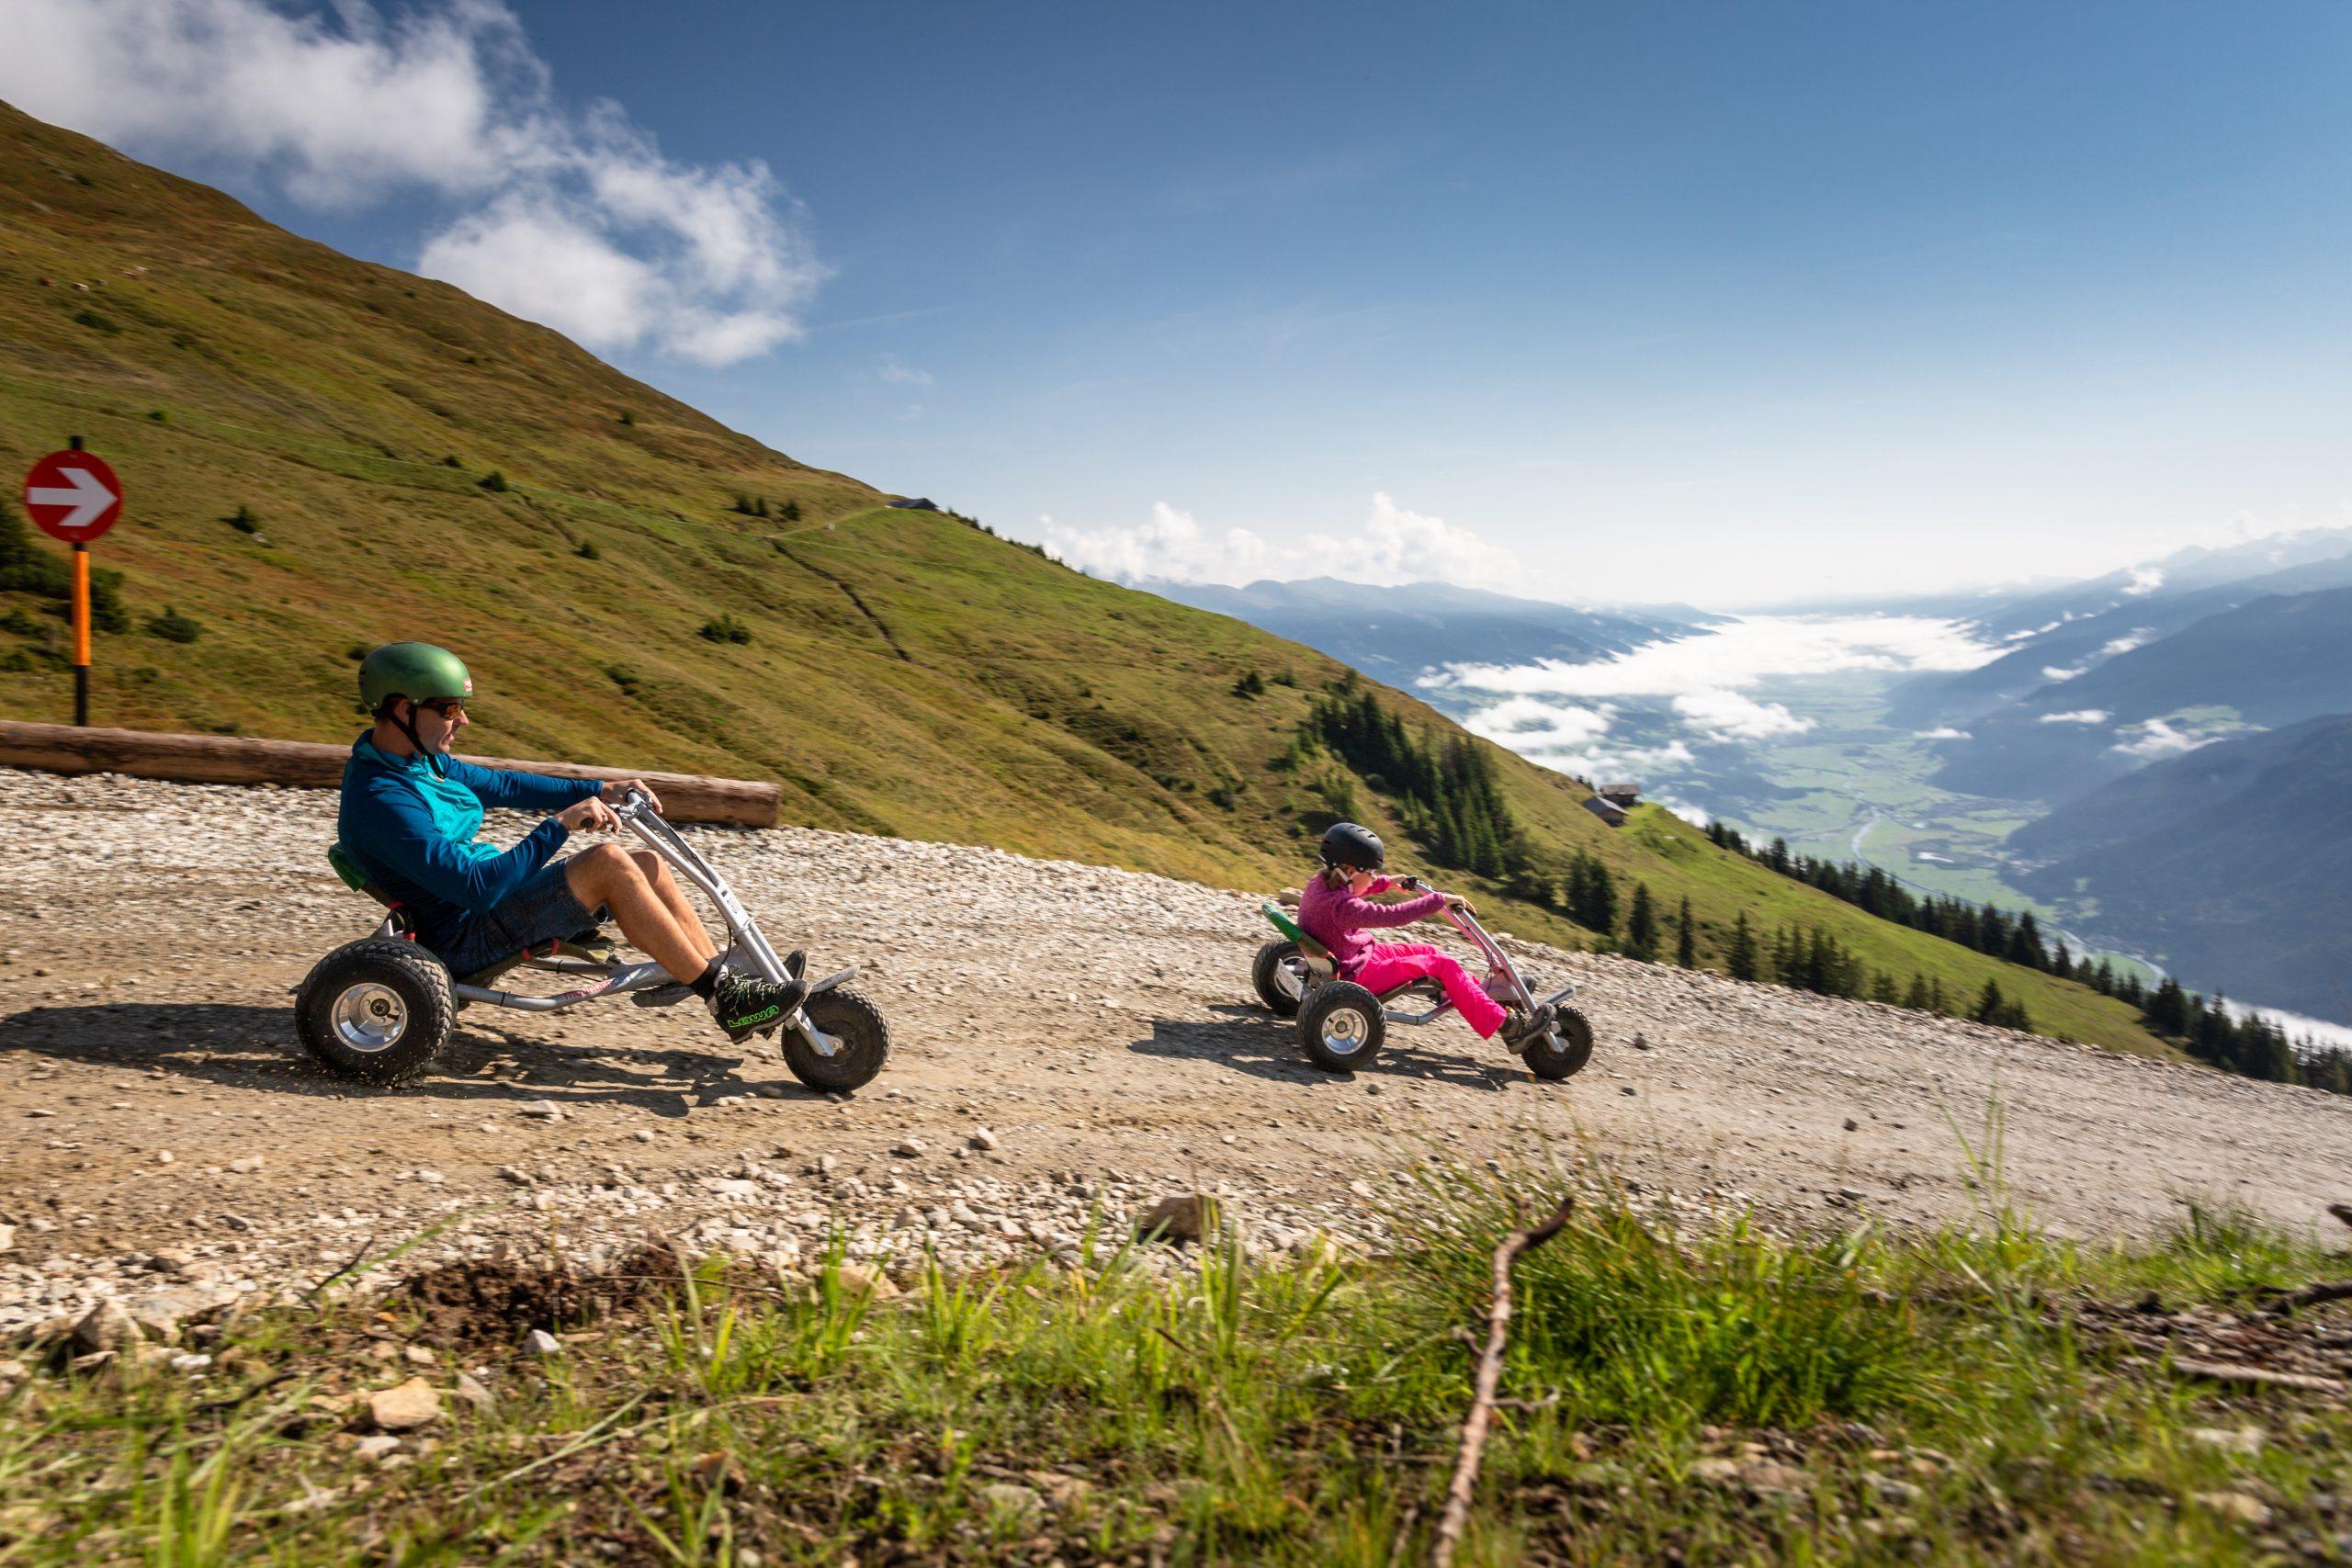 Mountaincart-Strecke am Wildkogel